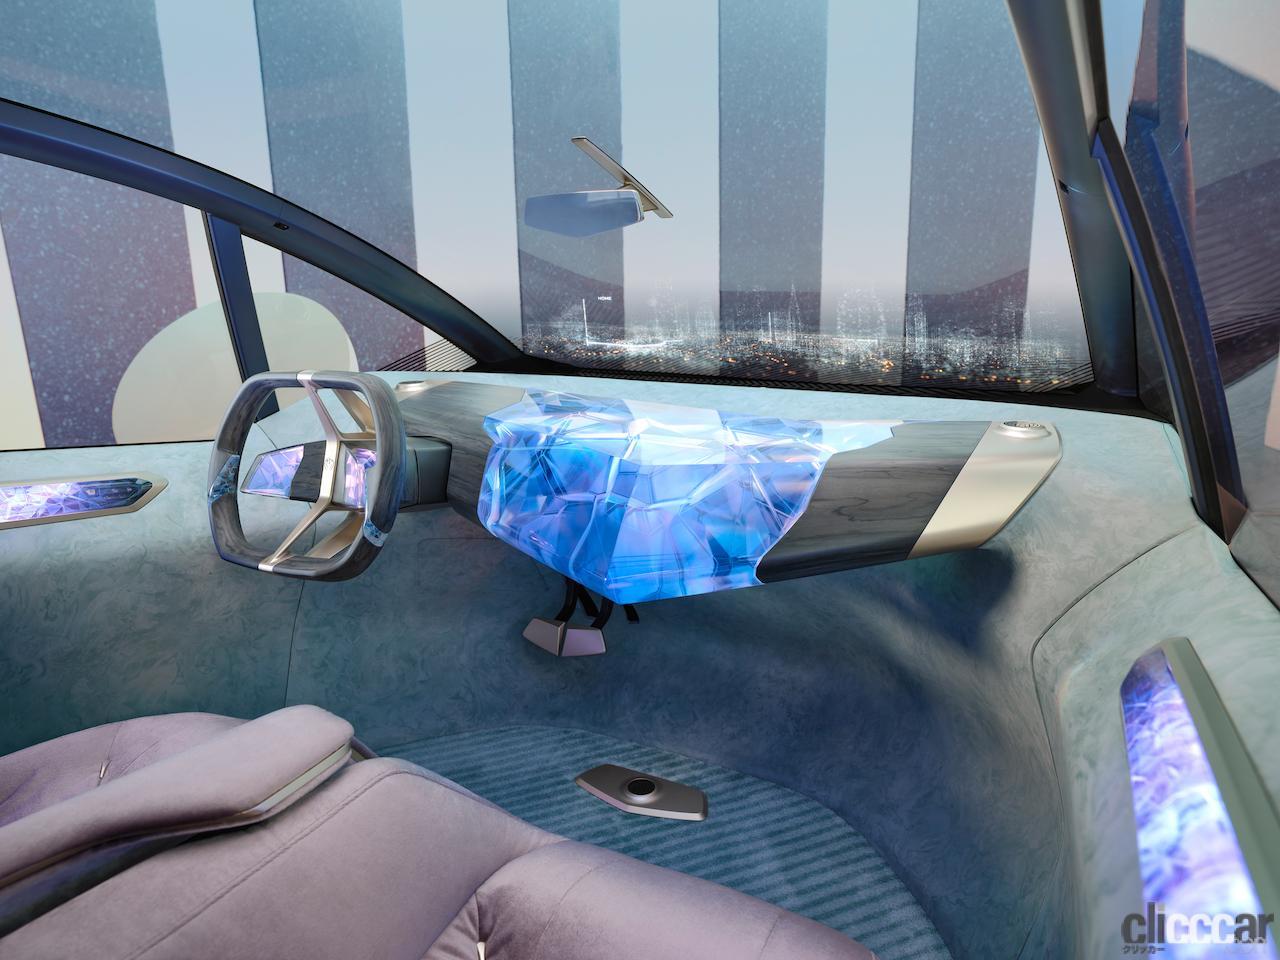 「100%の再生資源使用率と100%のリサイクルを掲げた「BMW i Vision Circular(ビジョン・サーキュラー)」を発表」の5枚目の画像